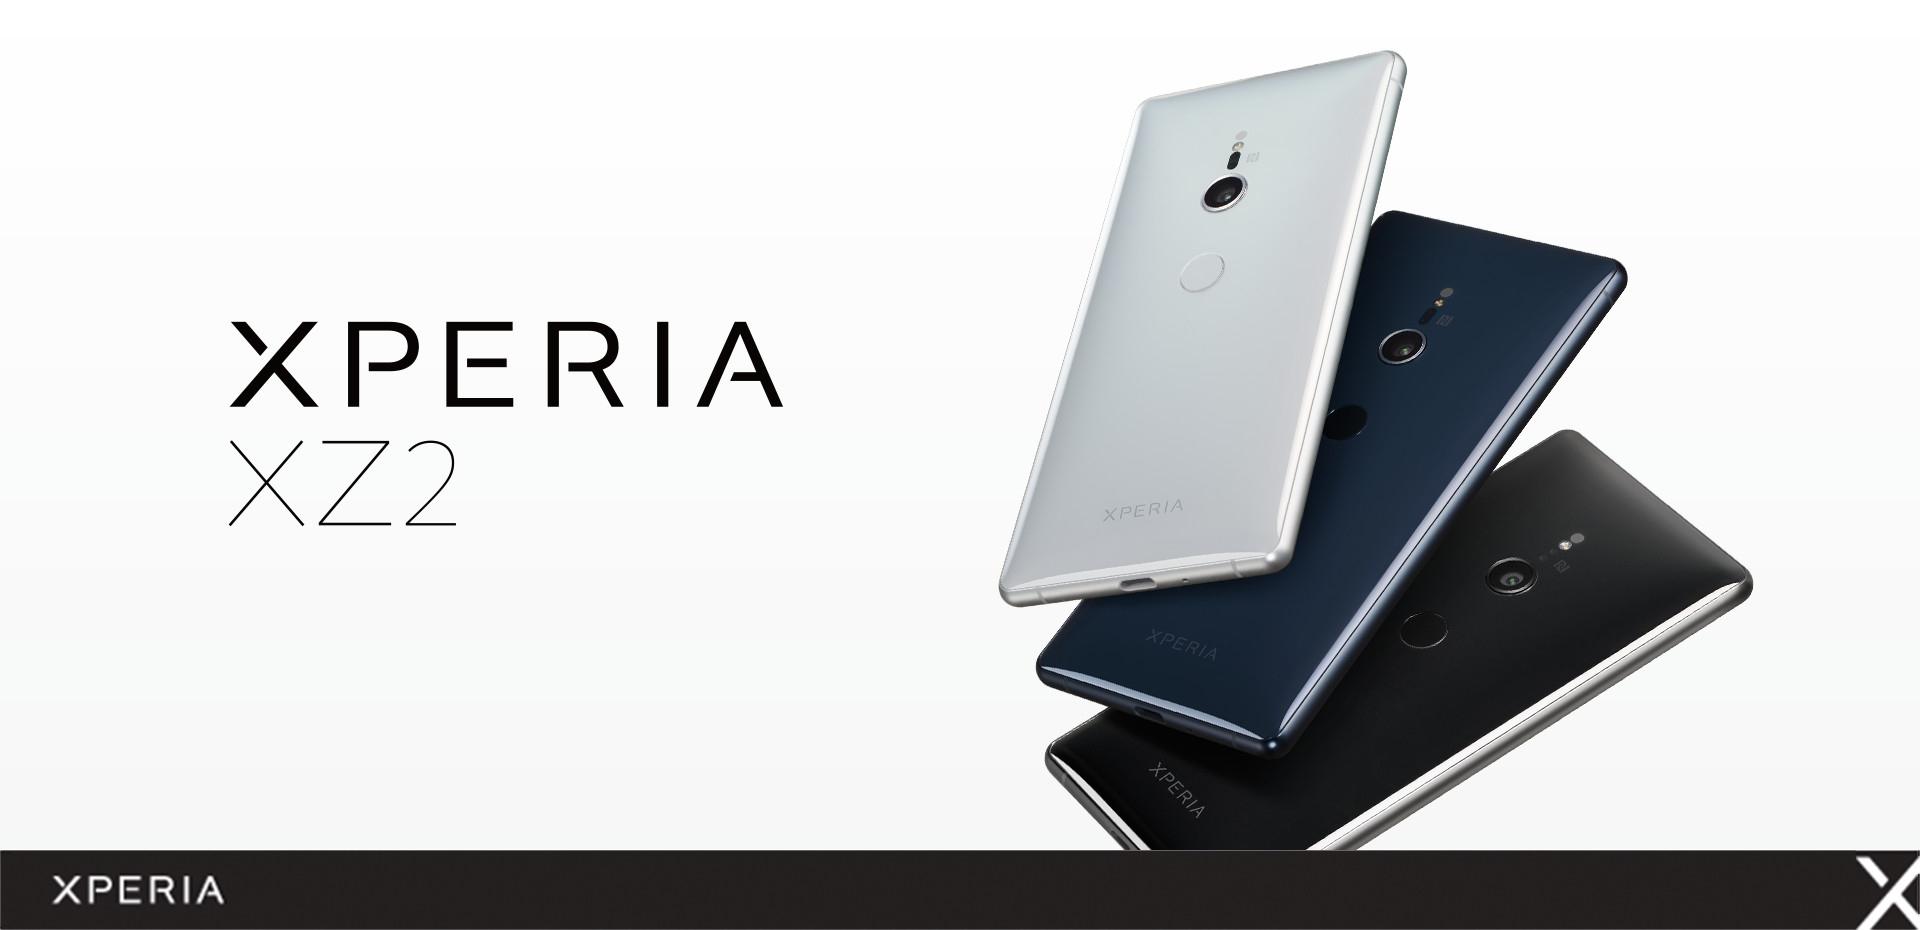 Xperia XZ2の画像